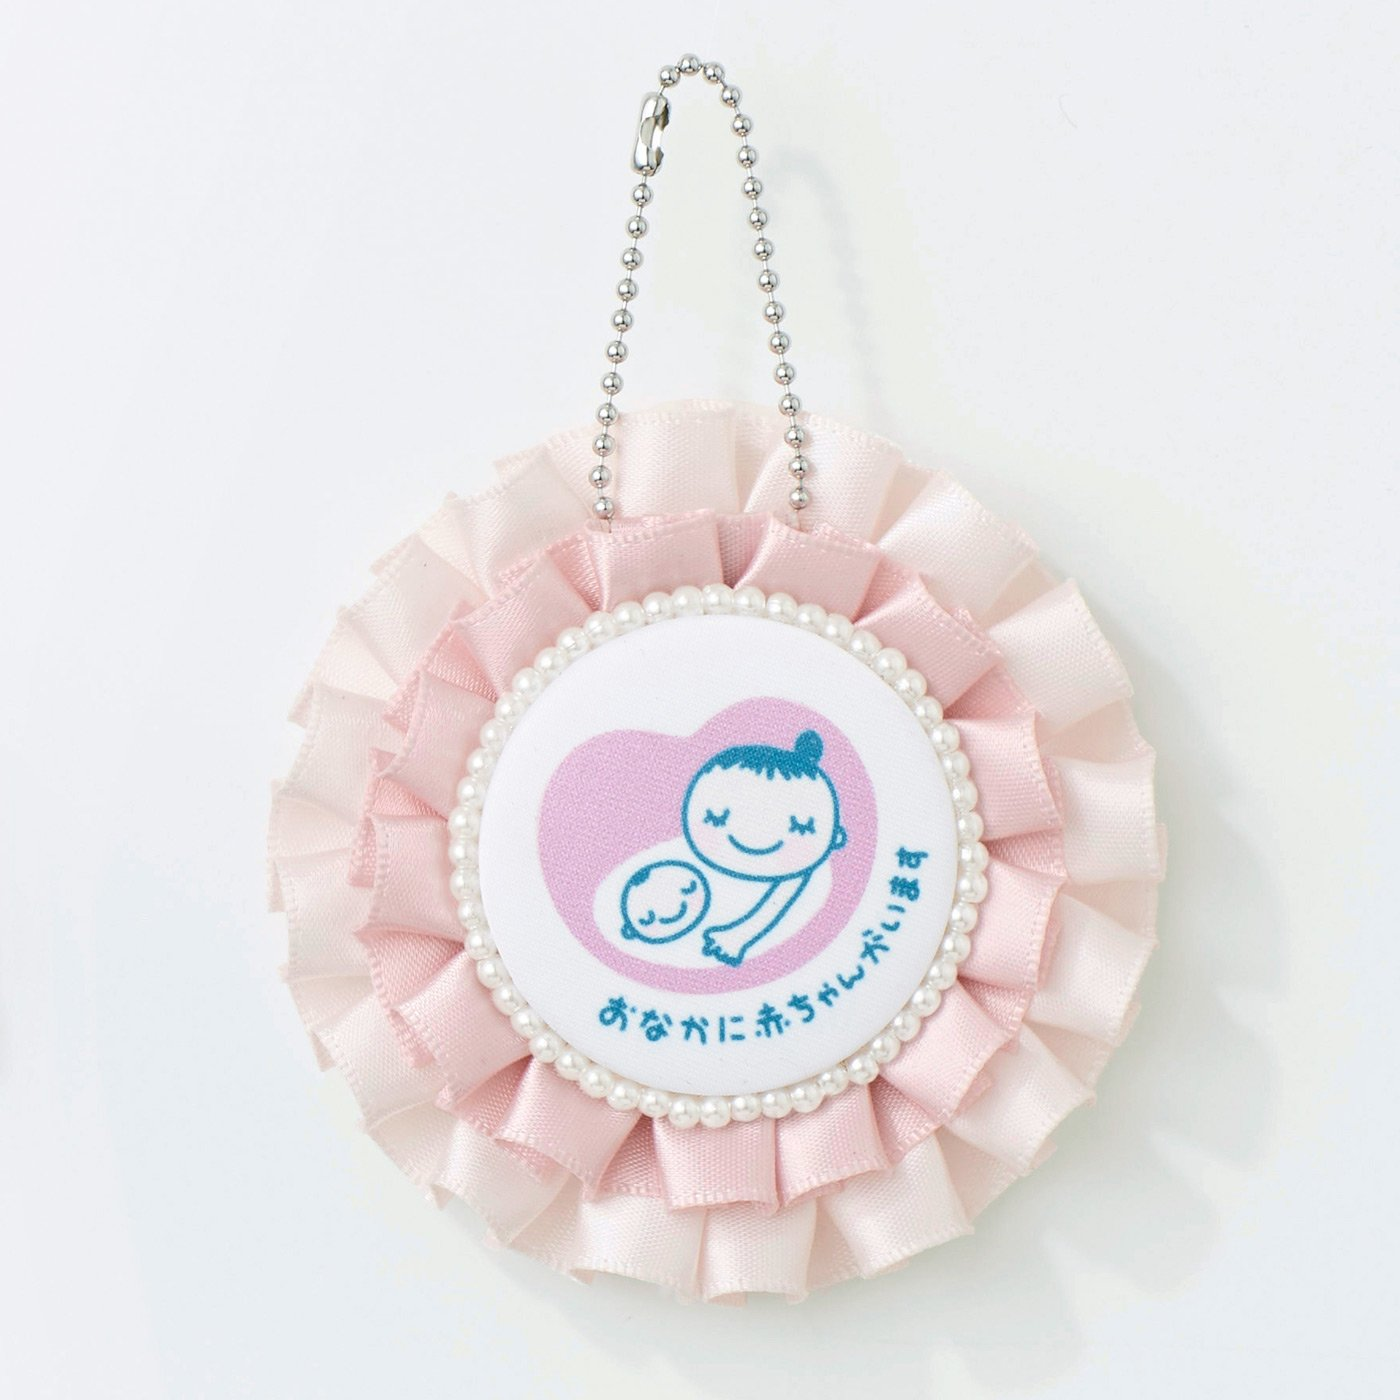 犬印本舗 マタニティロゼット〈ピンク〉